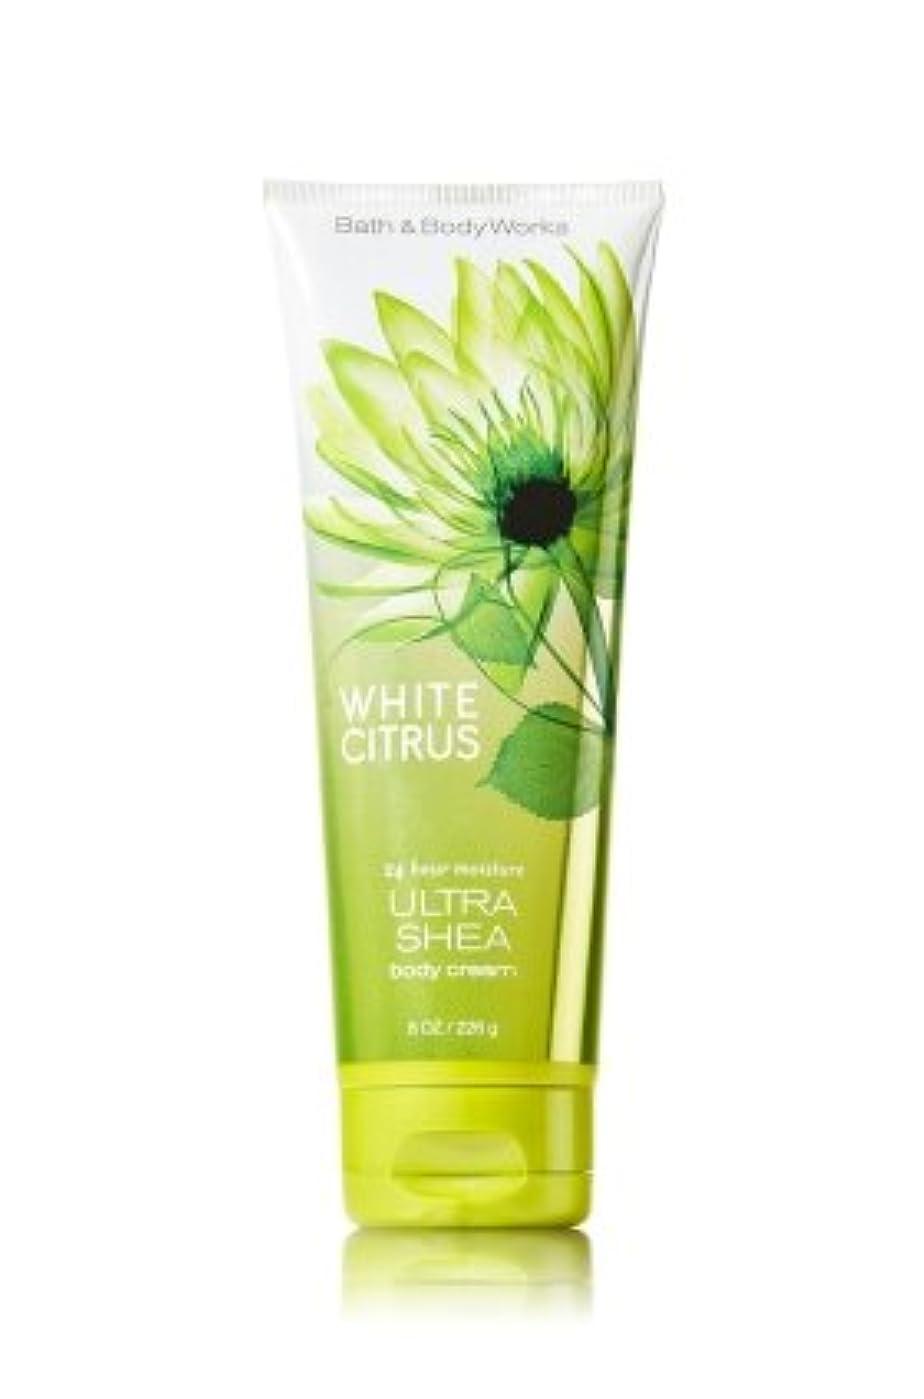 バス&ボディワークス ホワイトシトラス ボディクリーム  White Citrus Body Cream [並行輸入品]